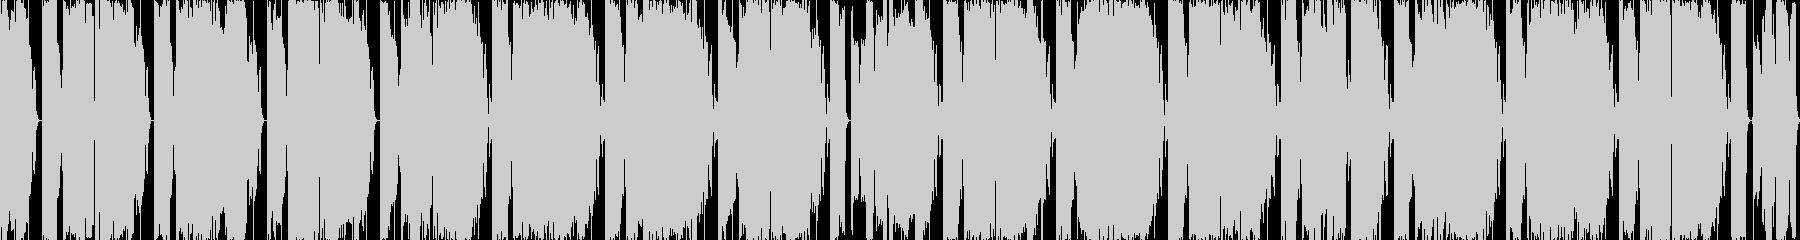 シンプルなEDMサウンドのインストの未再生の波形